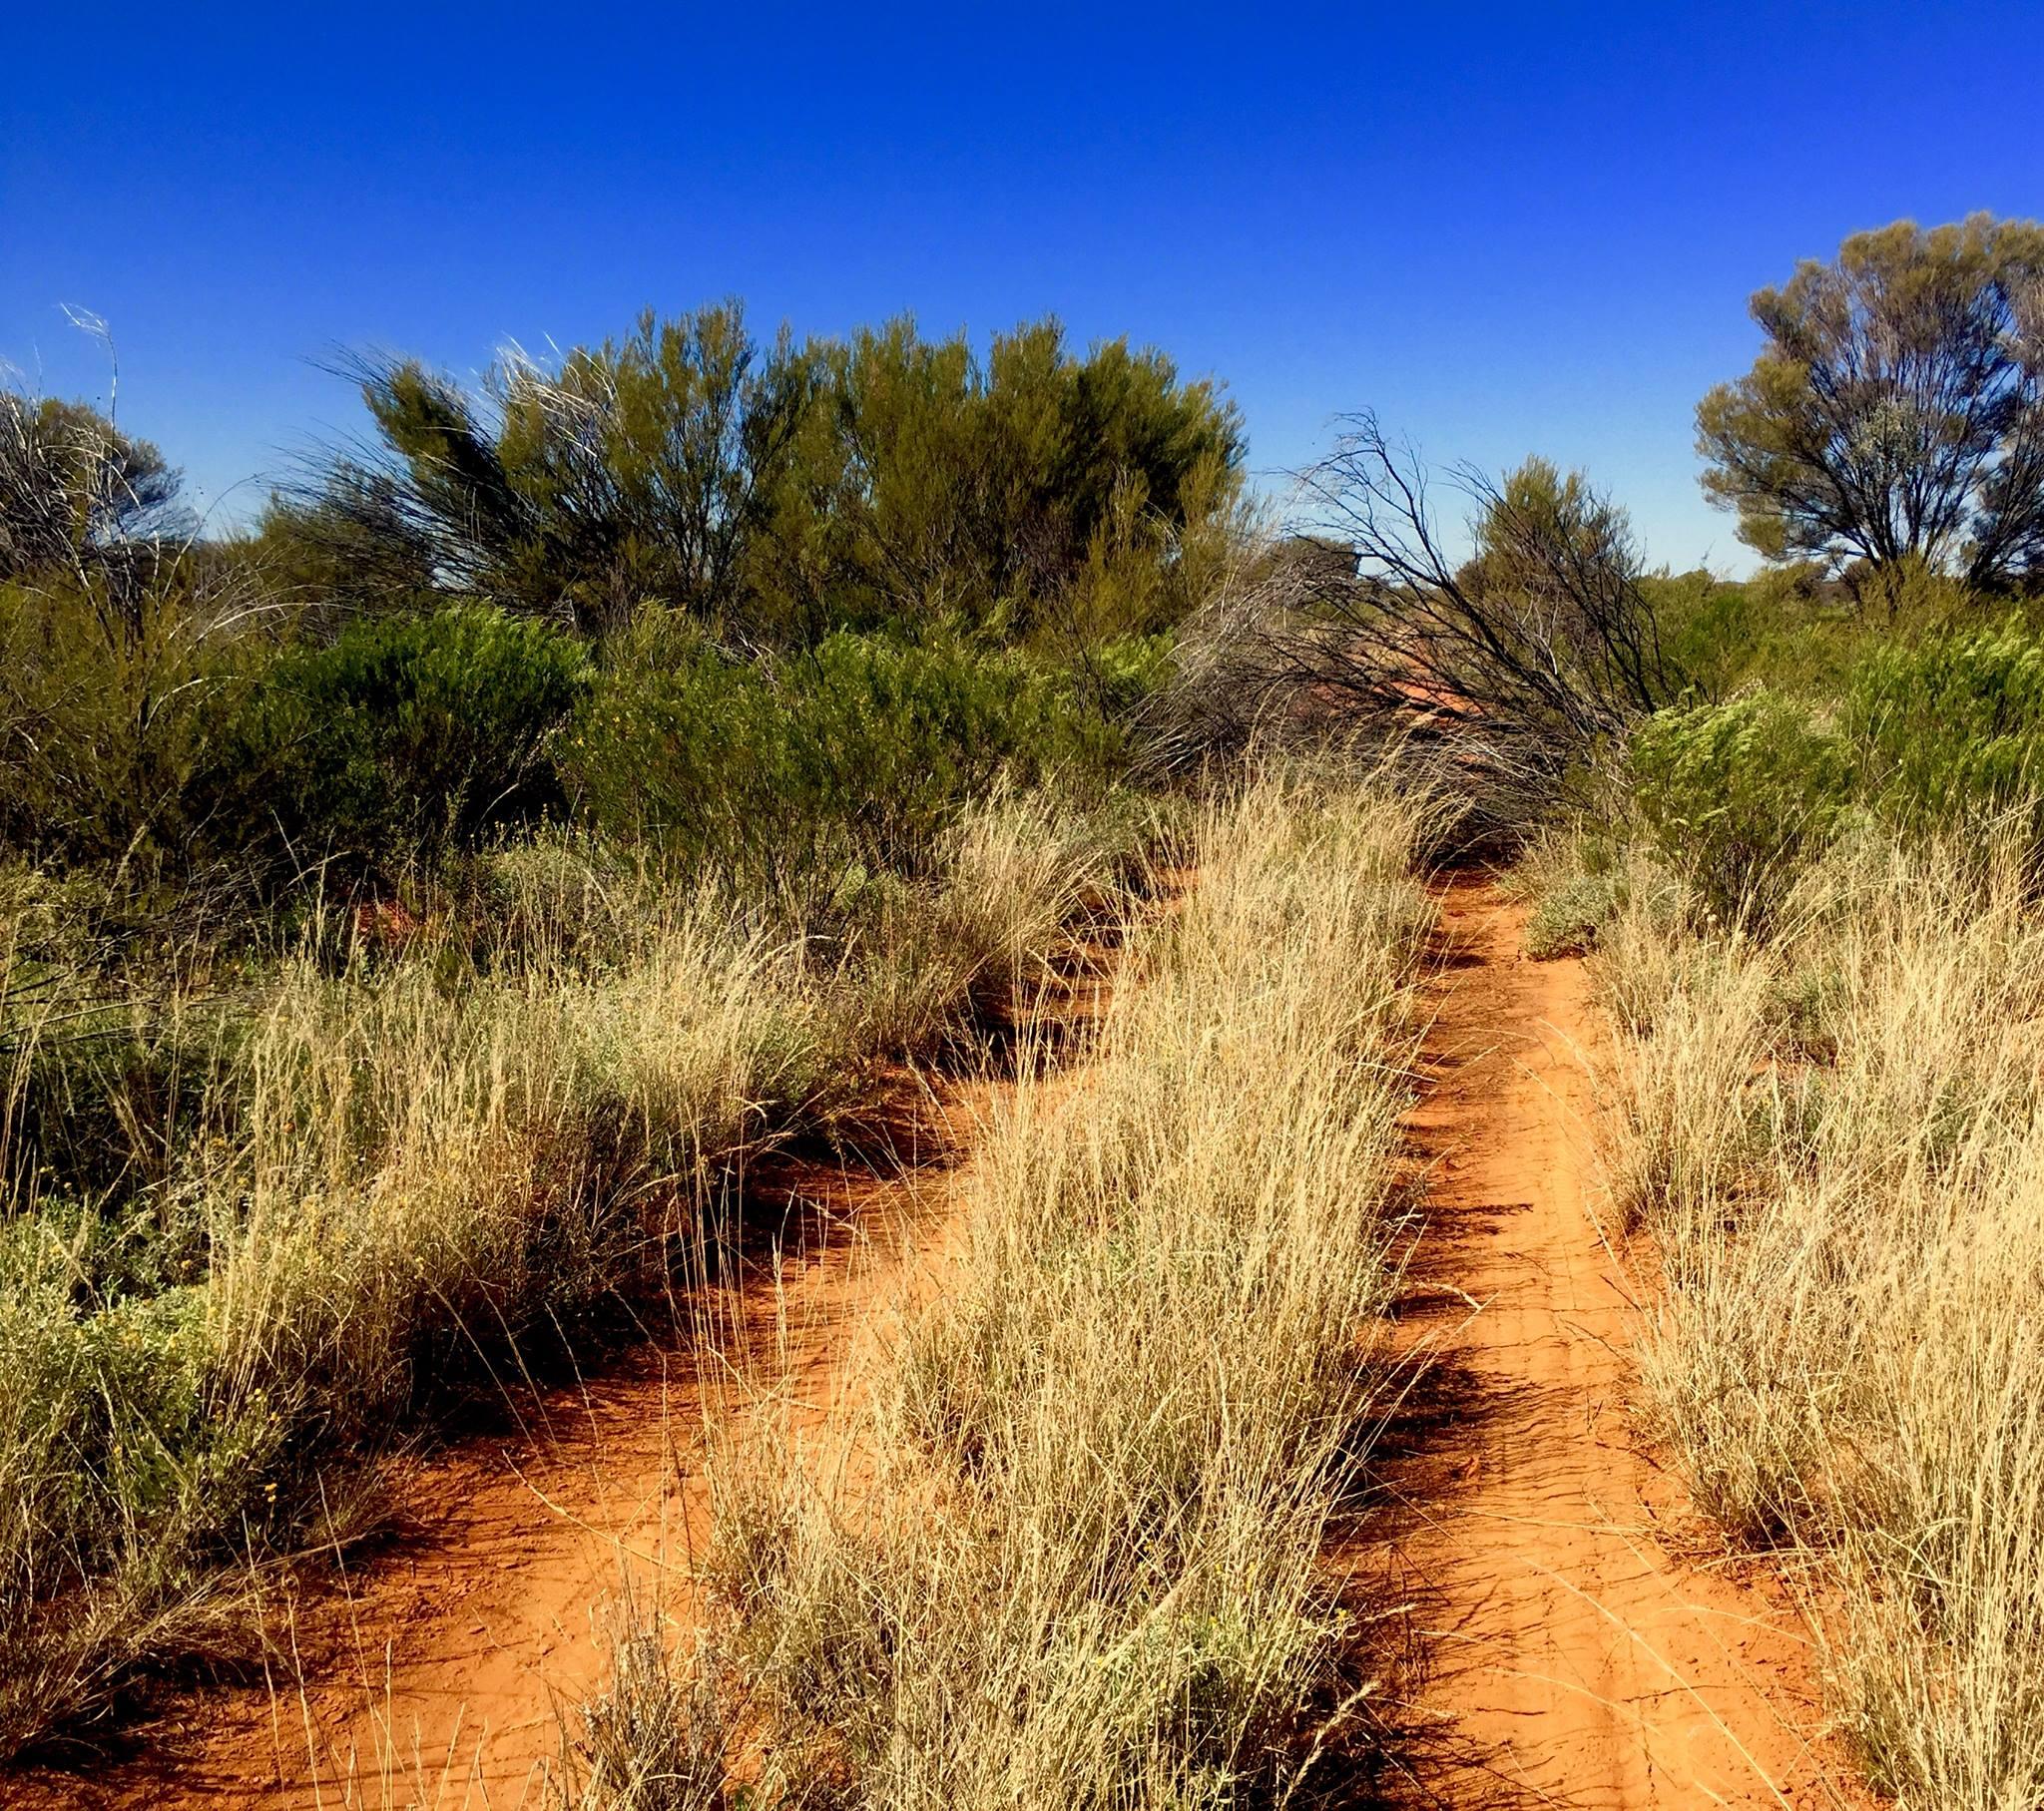 La piste de plus en plus étroite s'interrompt. Il conviendra de contourner l'obstacle. © Photo : Aboriginal Signature • Estrangin Gallery